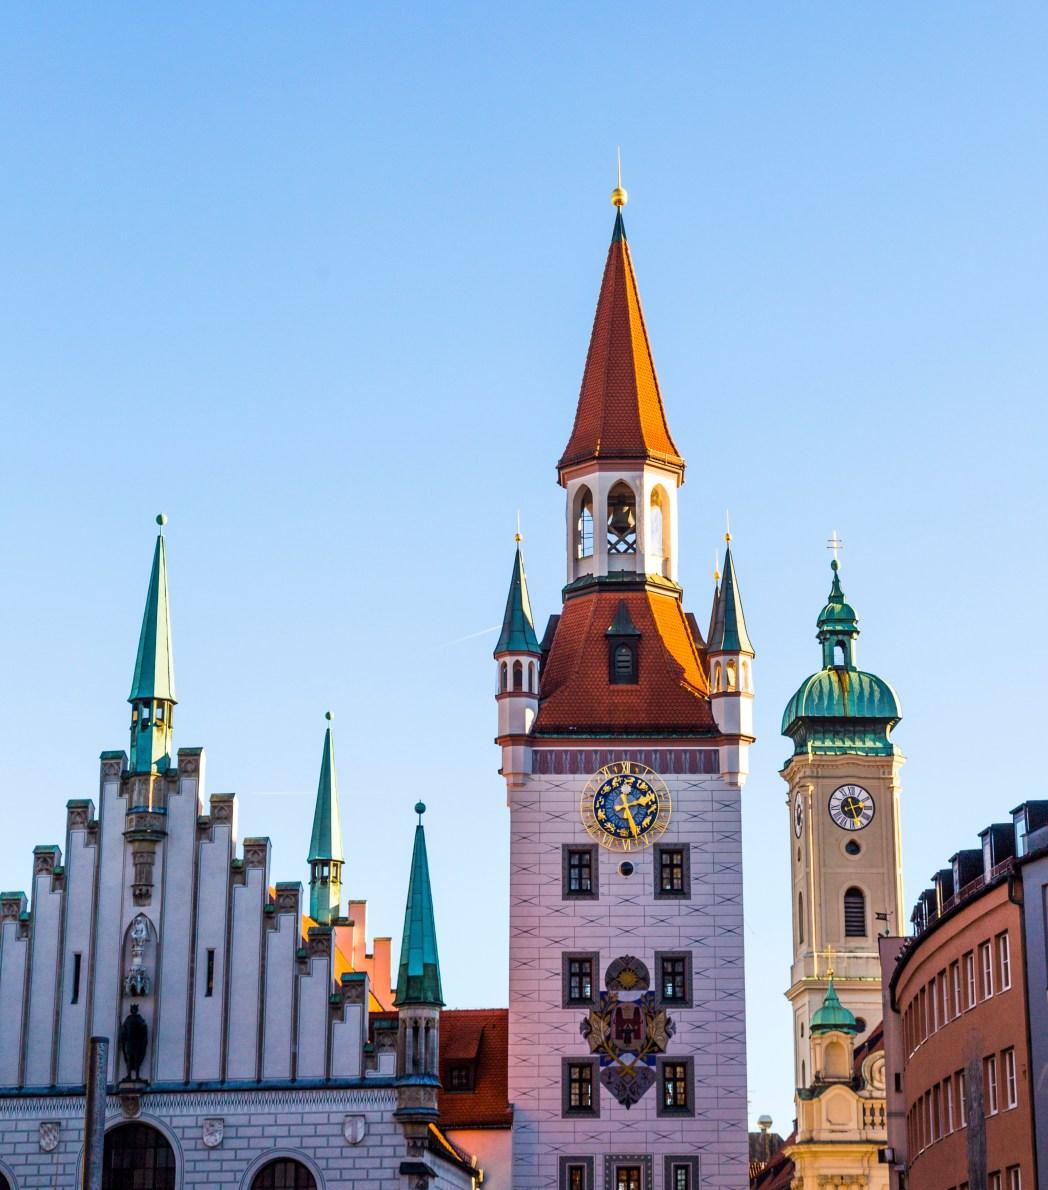 Παλαιό δημαρχείο, Μόναχο, Γερμανία